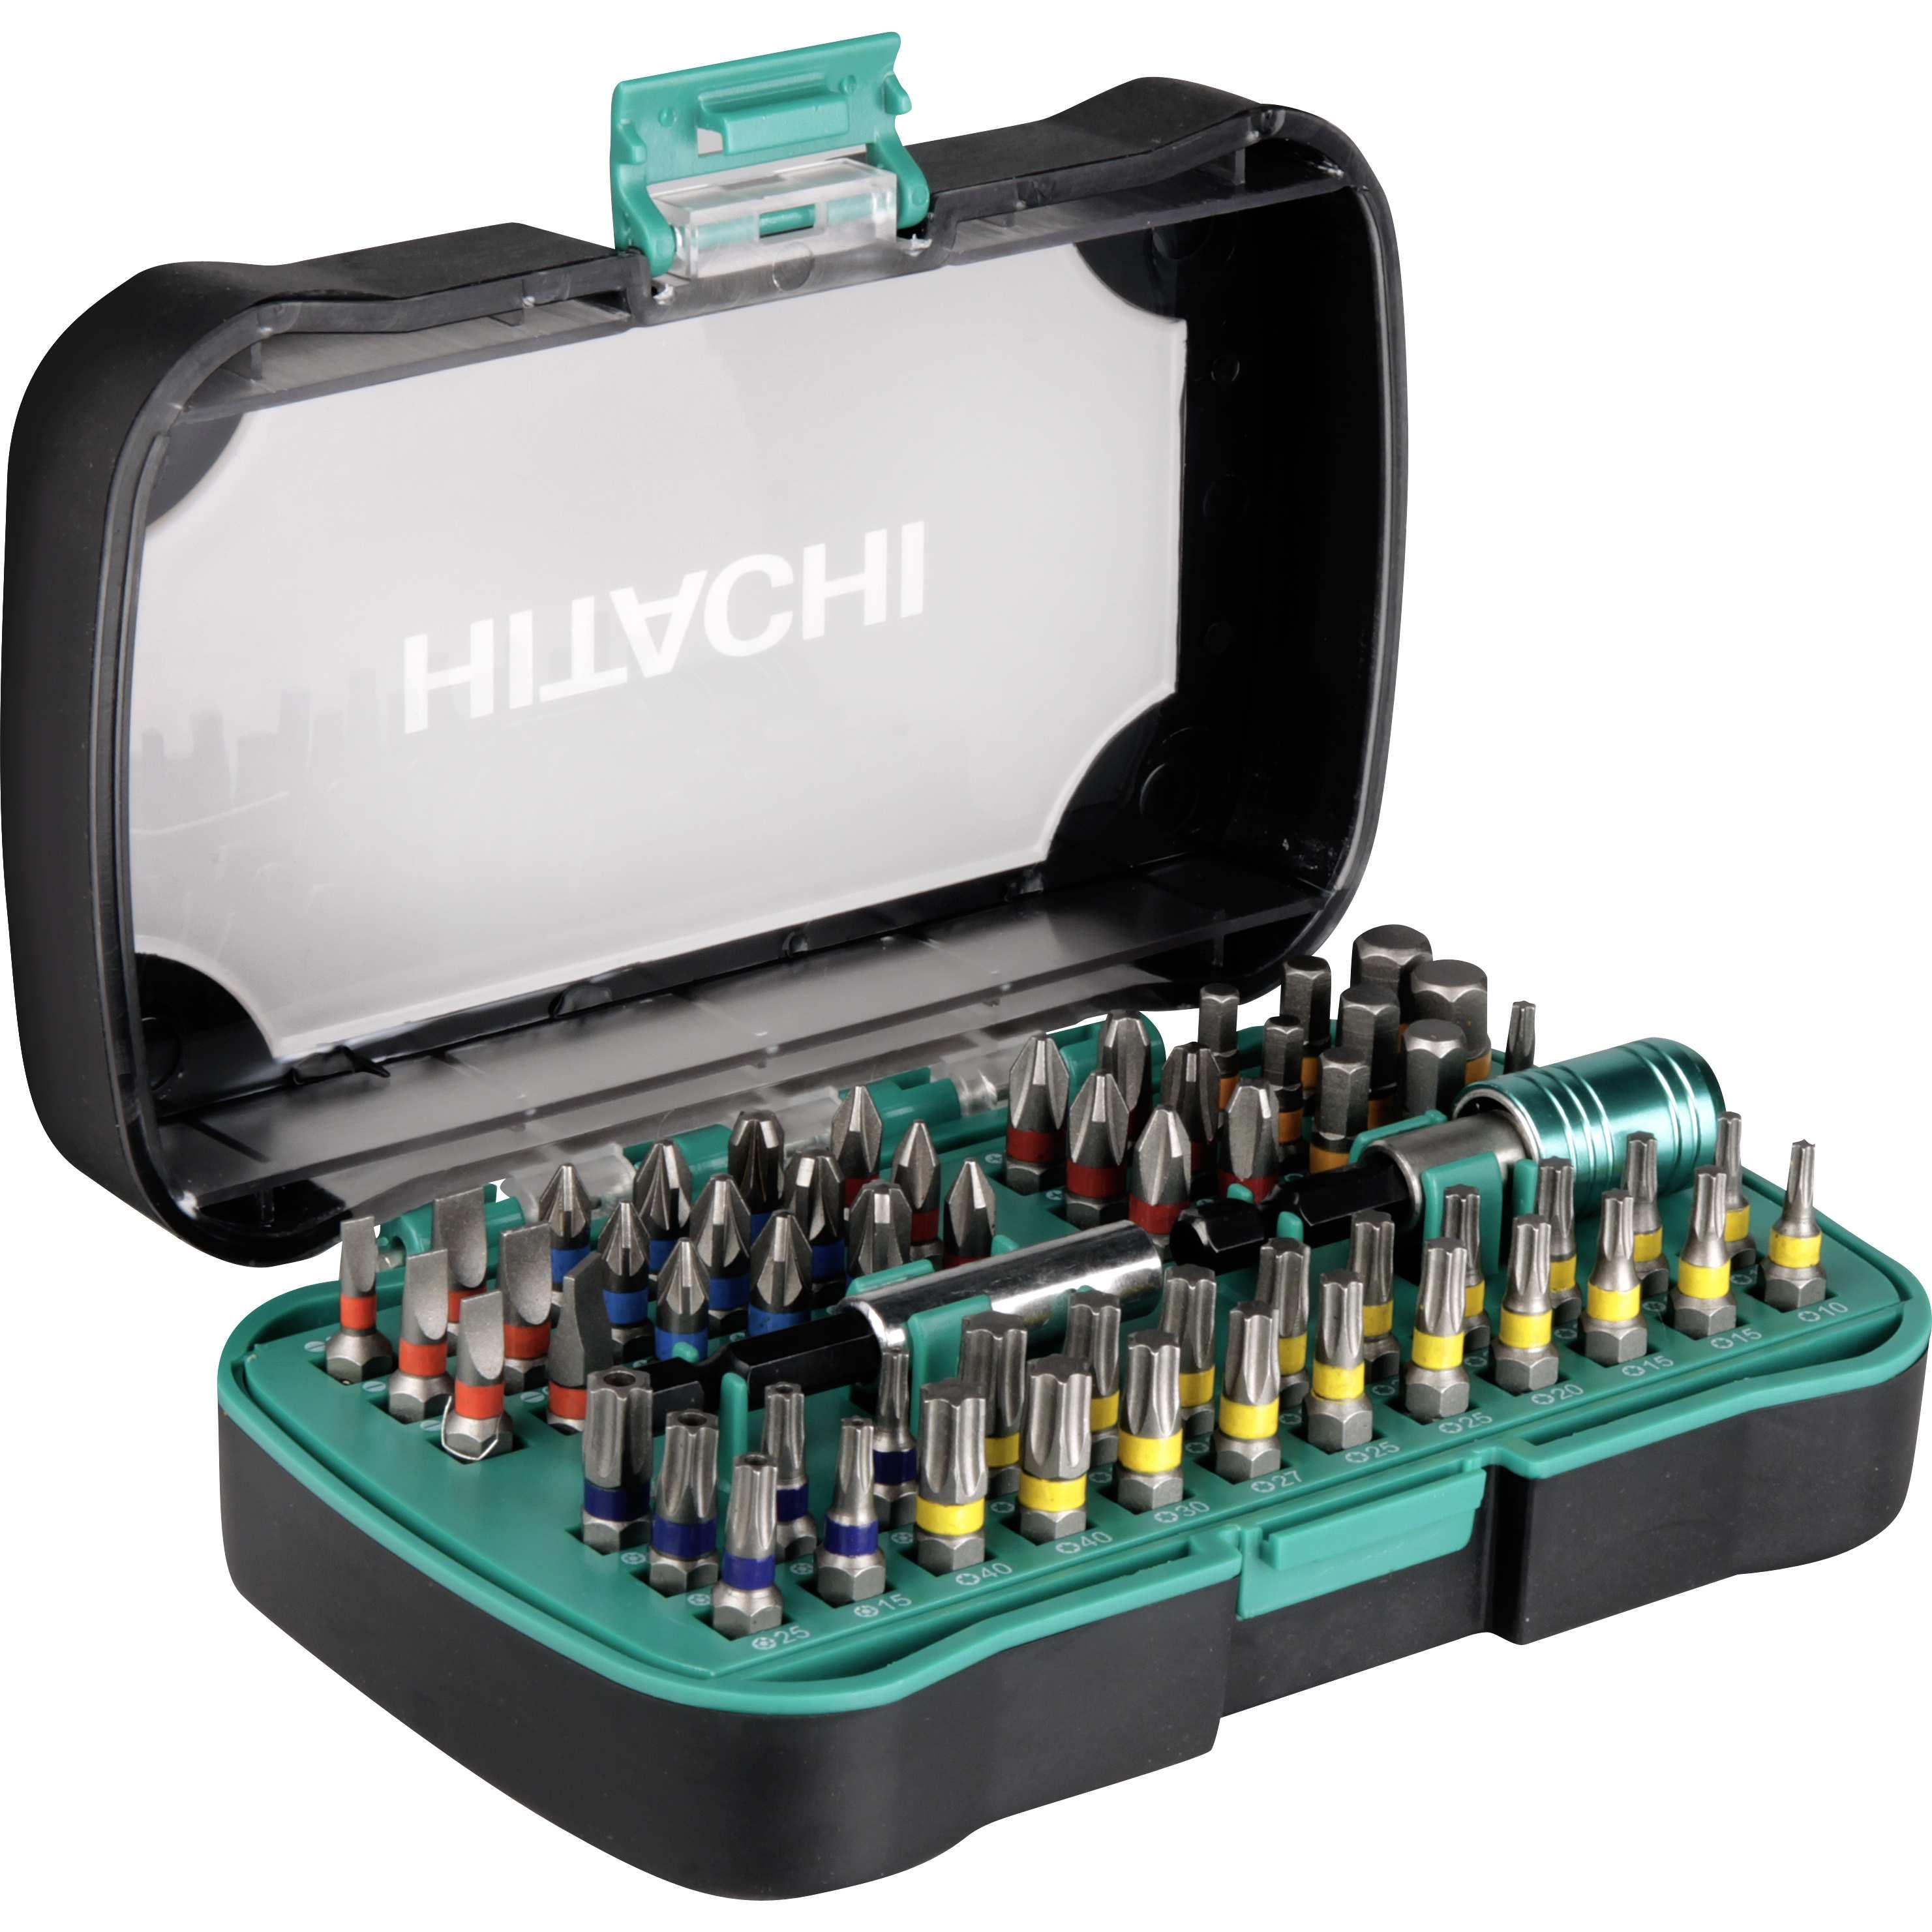 ebay WOW: Hitachi - 60-teiliges Schrauberbit Set mit Farbcodierung für 16,90€ inkl. Versand - für Heimwerker!